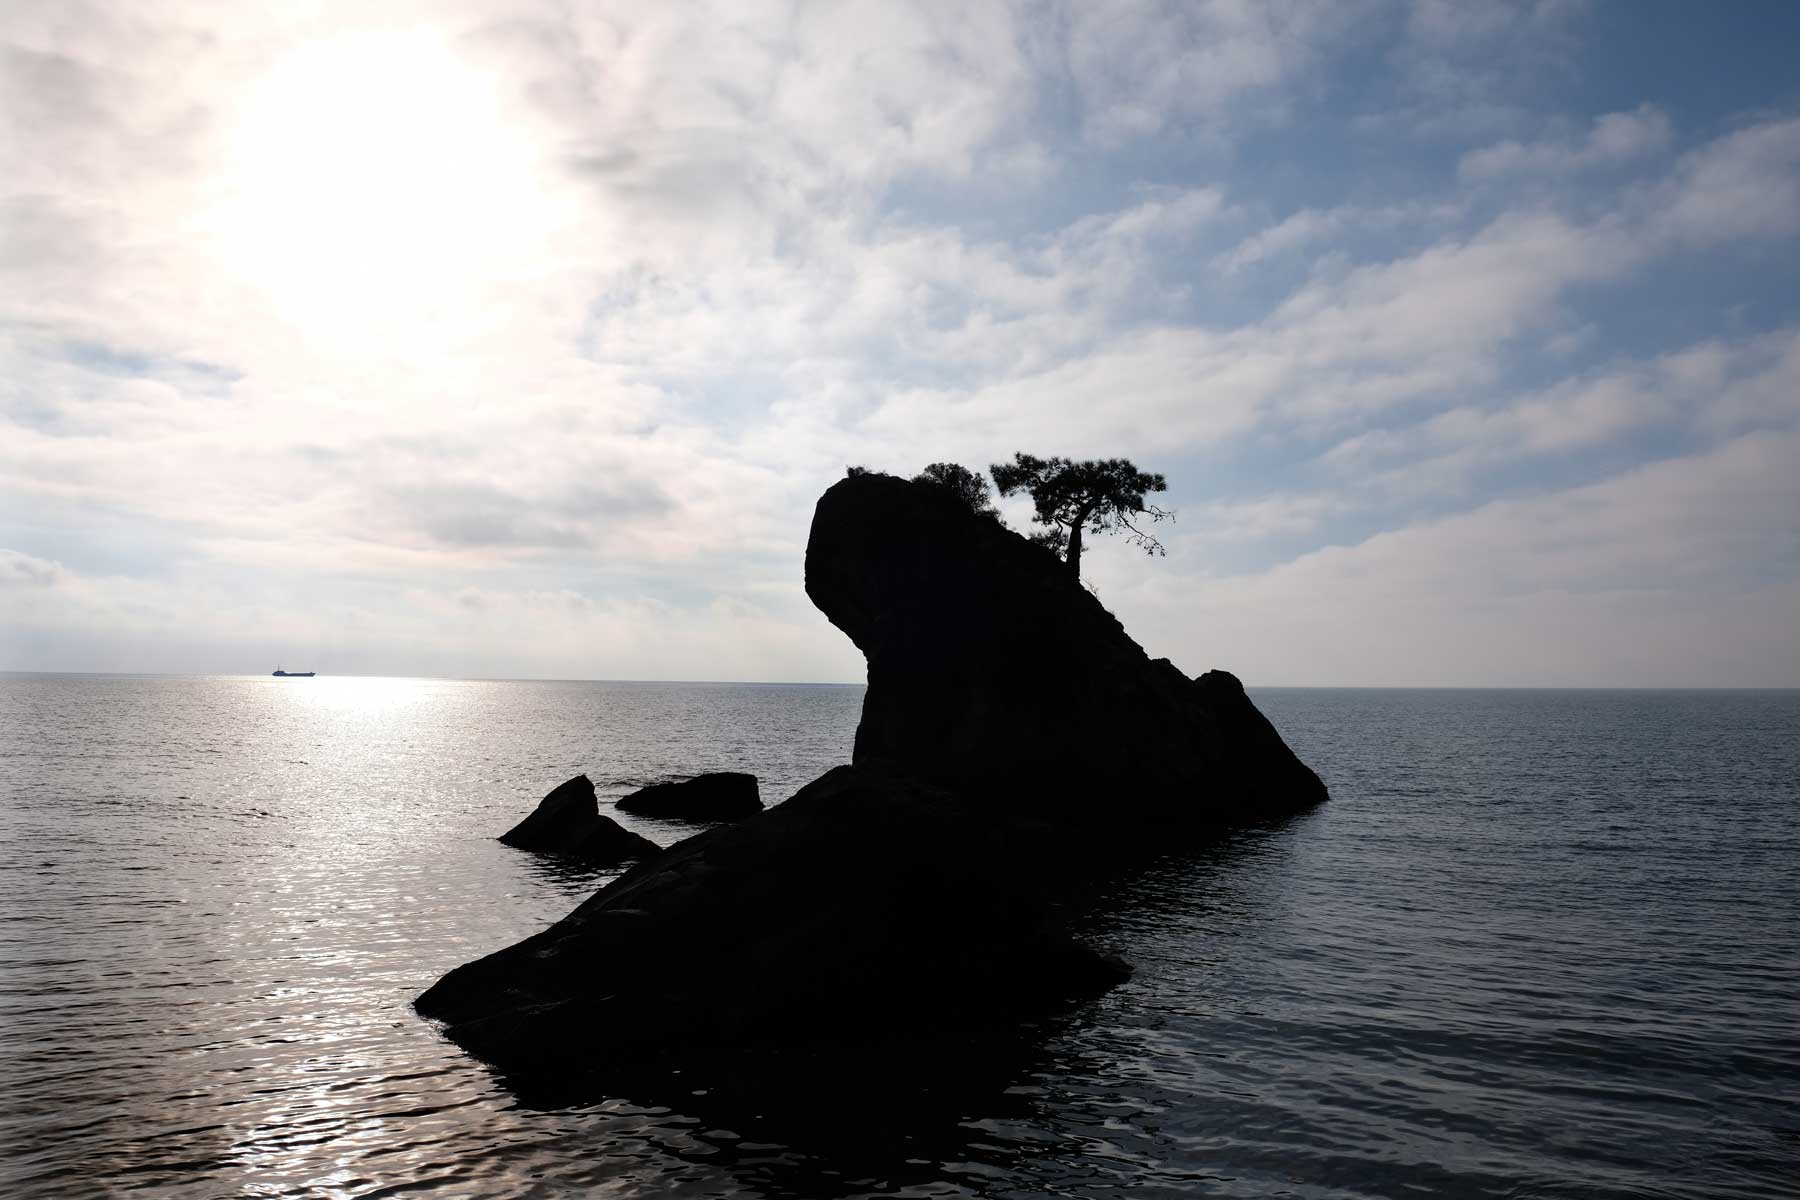 Eine kleine Insel im Meer